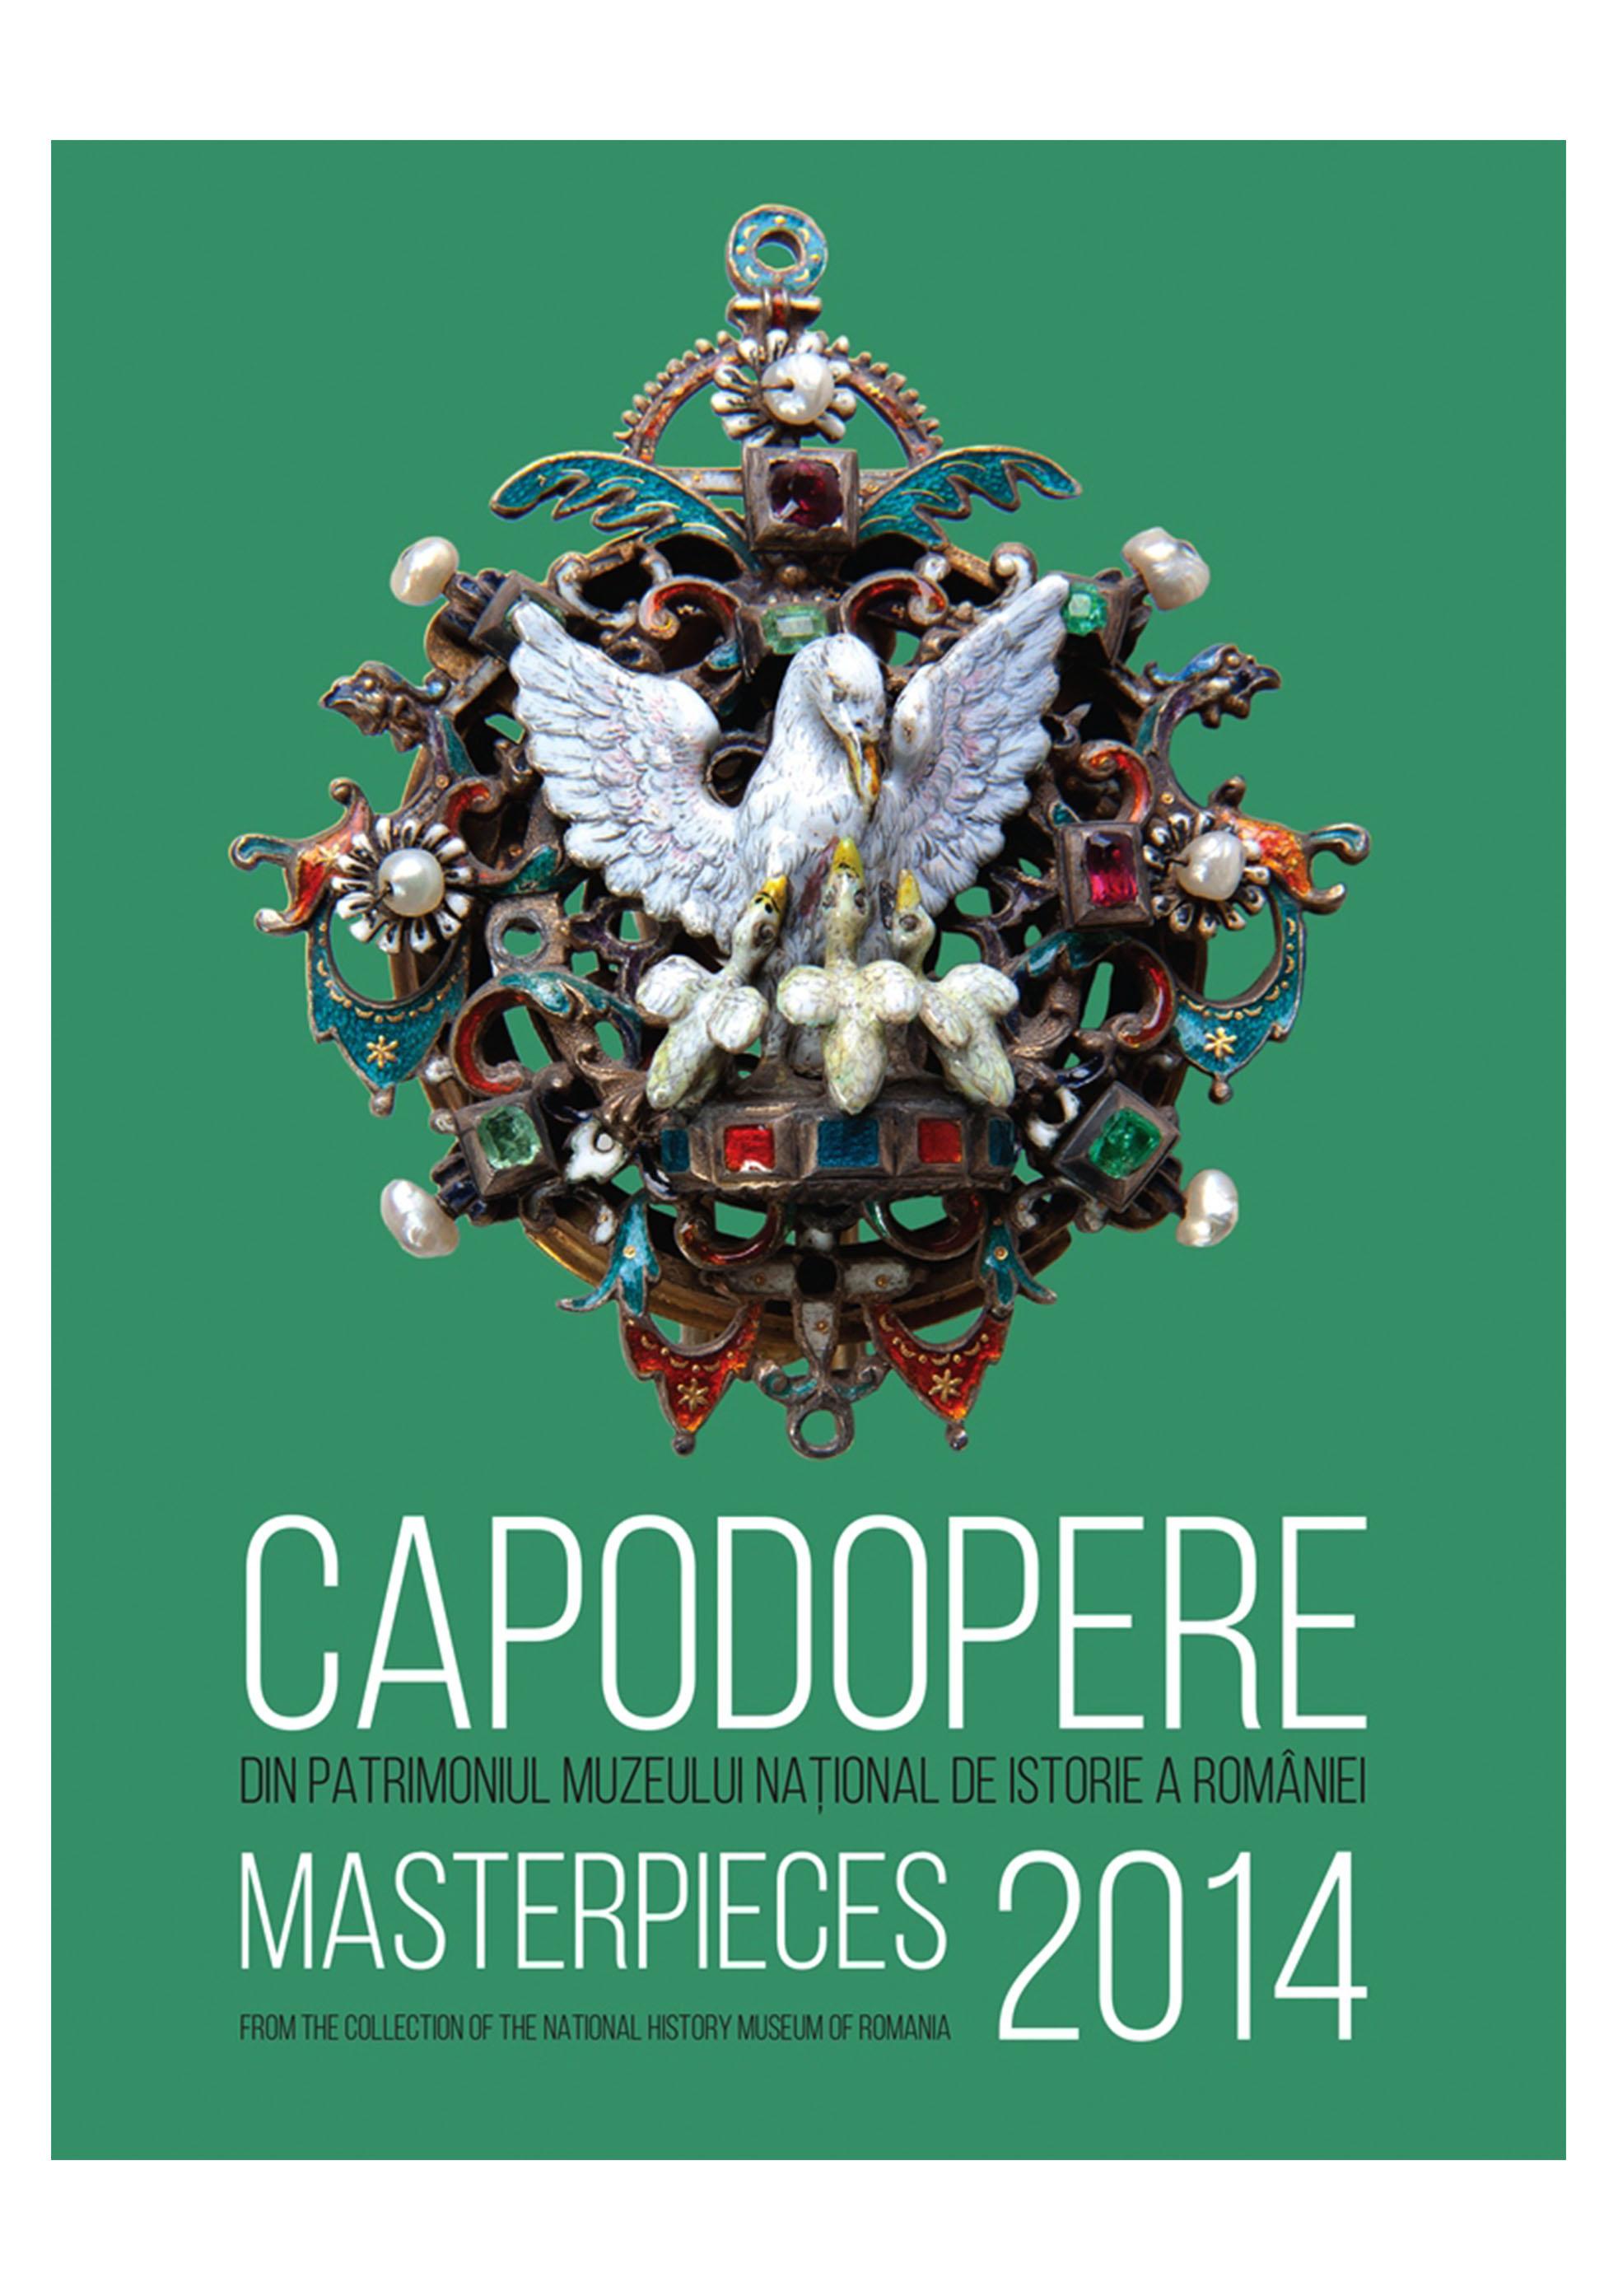 mnir_COP__0011_2014_caperta-capodopere_final